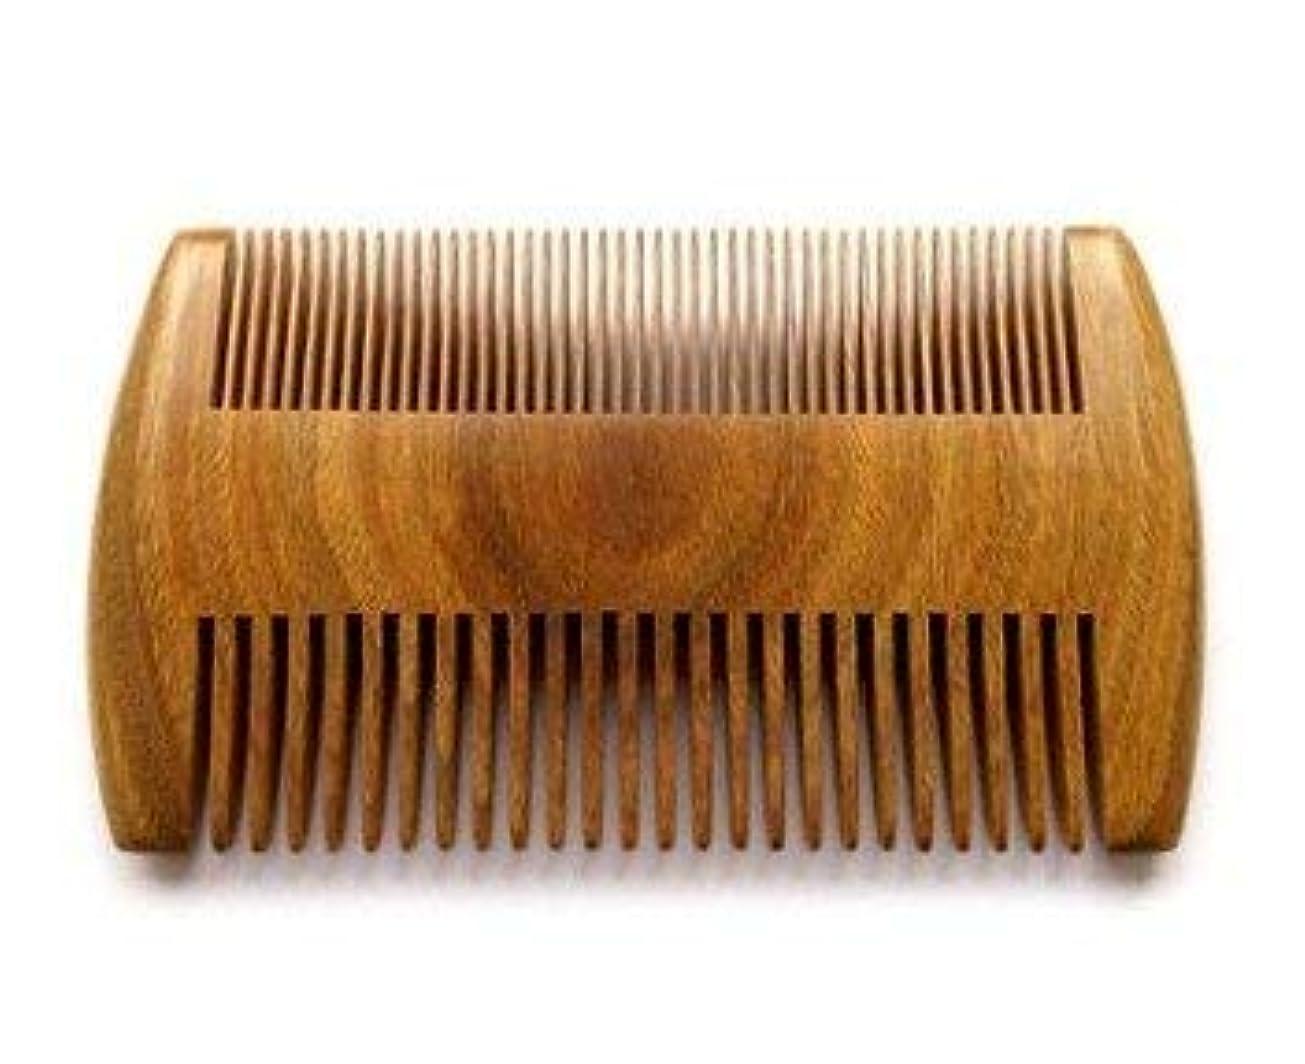 横たわる批判天才Myhsmooth GS-SM-NF Handmade Natural Green Sandalwood No Static Comb Pocket Comb Perfect Beard Comb with Aromatic...